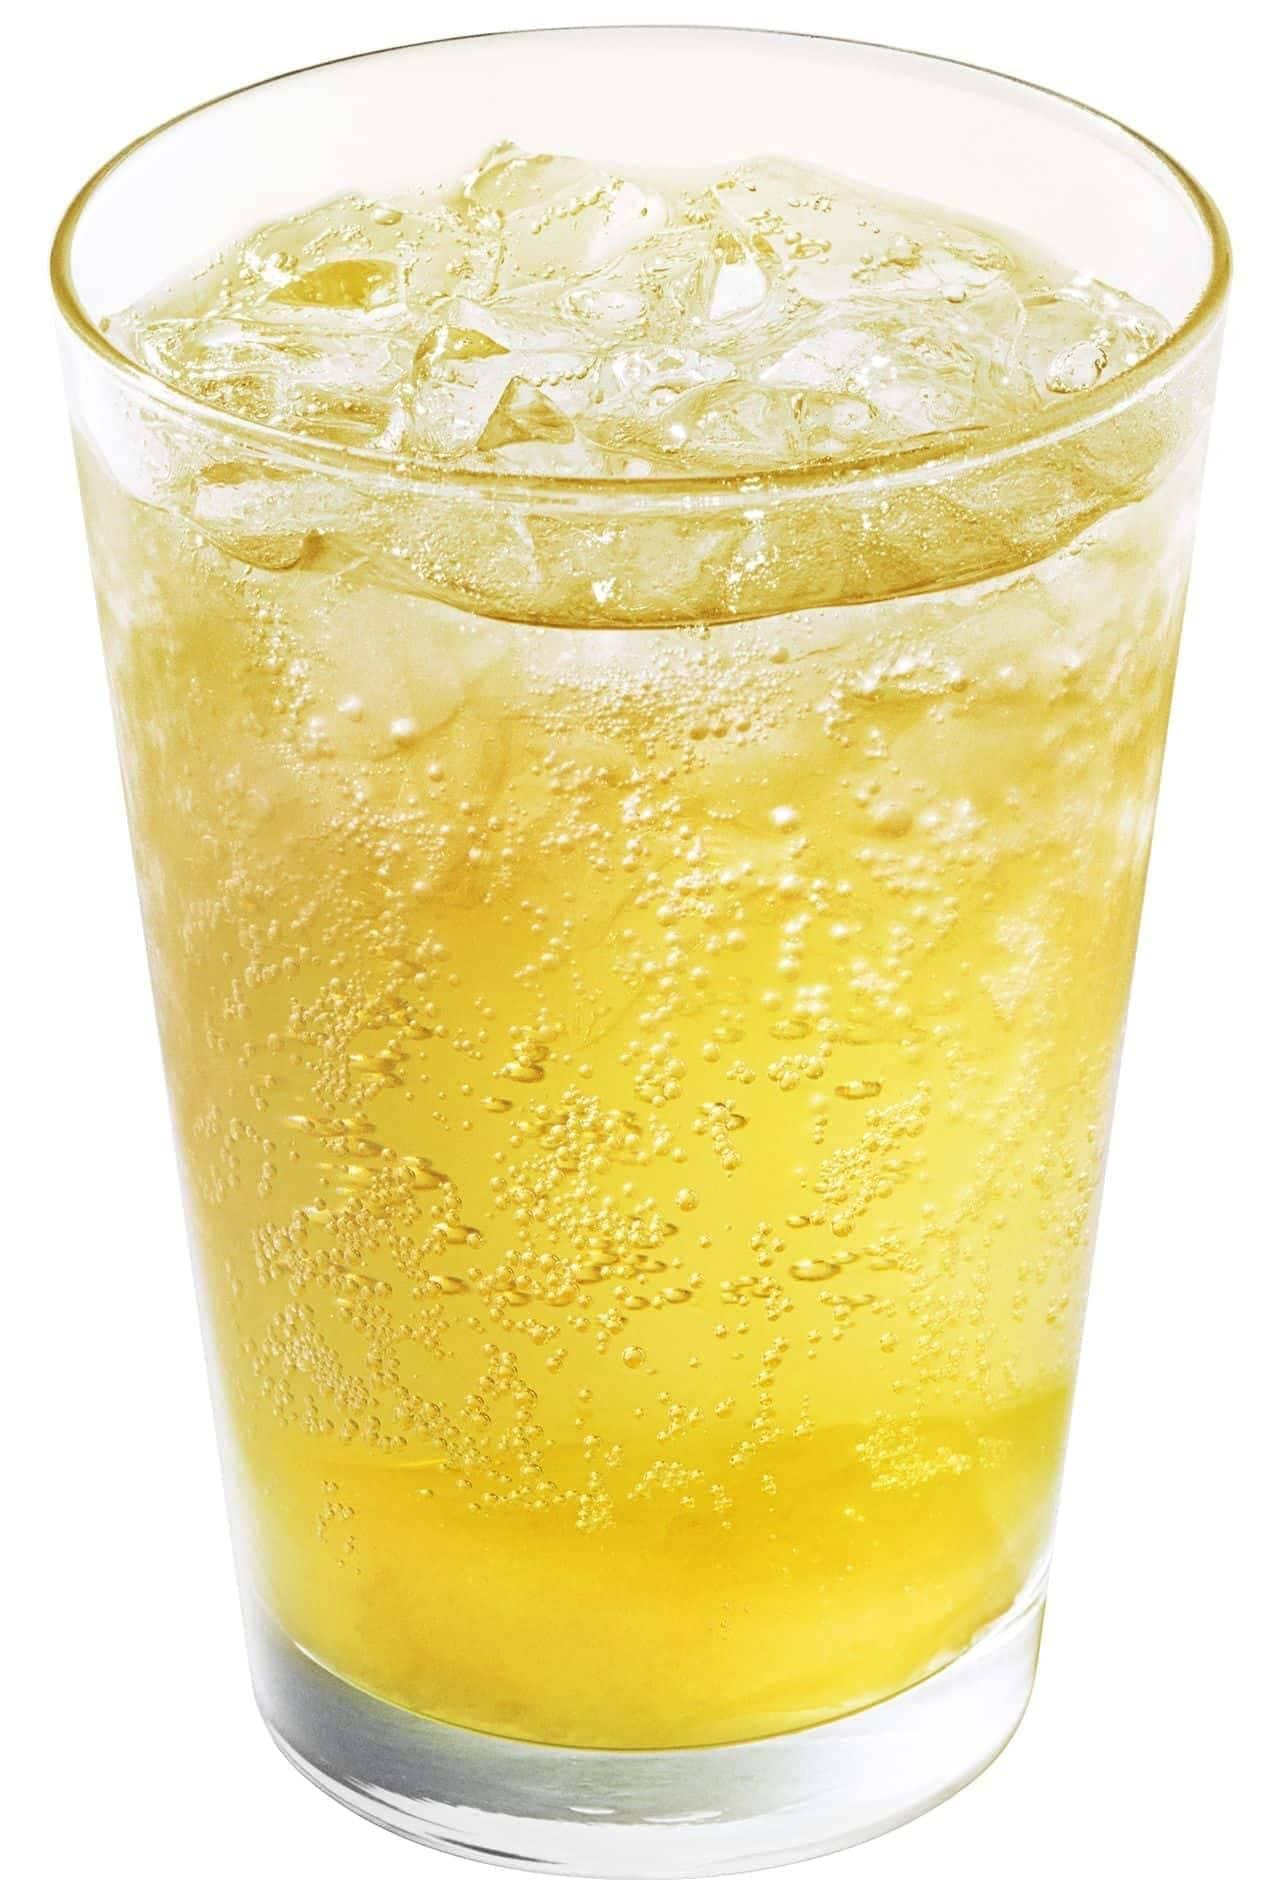 モスバーガー「甘夏 ジンジャーエール <熊本県産甘夏果汁0.5%使用>」